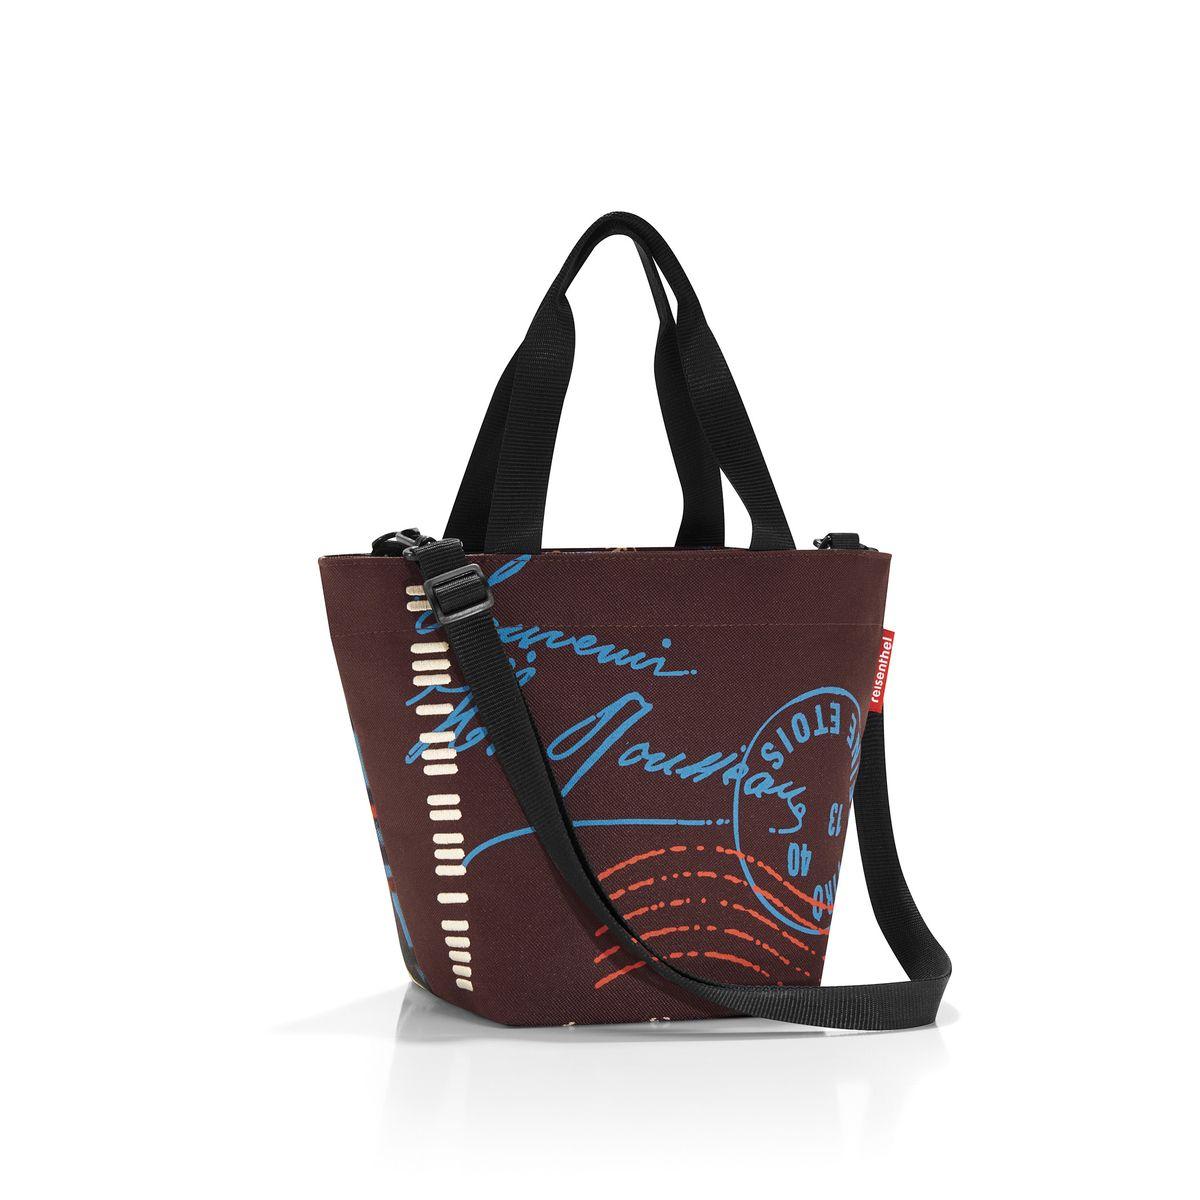 Сумка женская Reisenthel, цвет: коричневый, красный, голубой. ZR703723008Женская сумка Reisenthel изготовлена из полиэстера с оригинальным принтом. Сумка имеет одно отделение, которое закрывается на застежку-молнию. Внутри имеется нашивной карман на застежке-молнии. Изделие оснащено двумя текстильными ручками. В комплект входит съемный плечевой ремень. Такая сумка станет незаменимой в повседневной жизни.